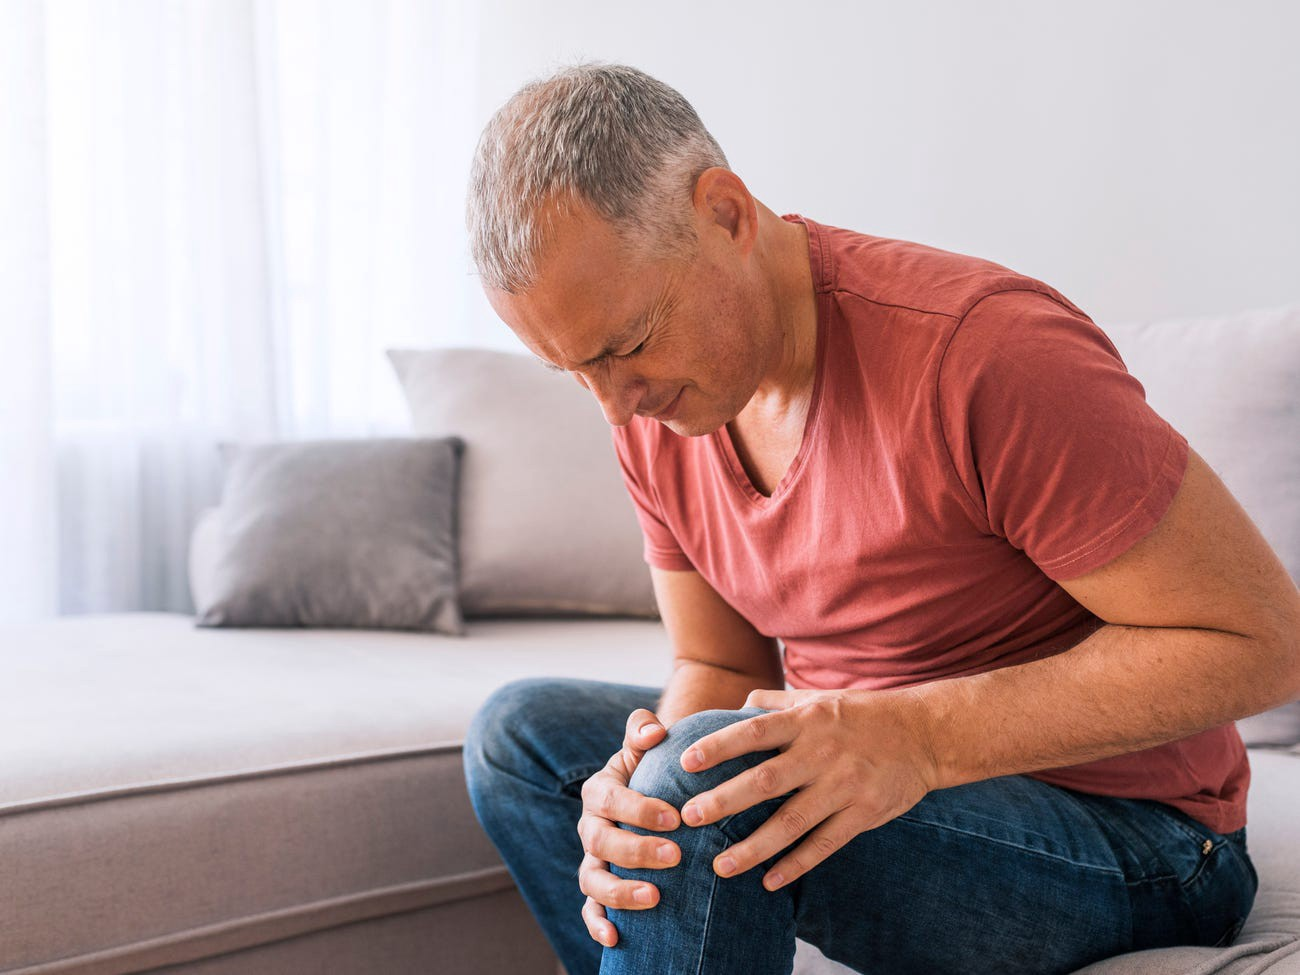 بیماری نقرس چیست؟ + علائم، تشخیص و درمان آن